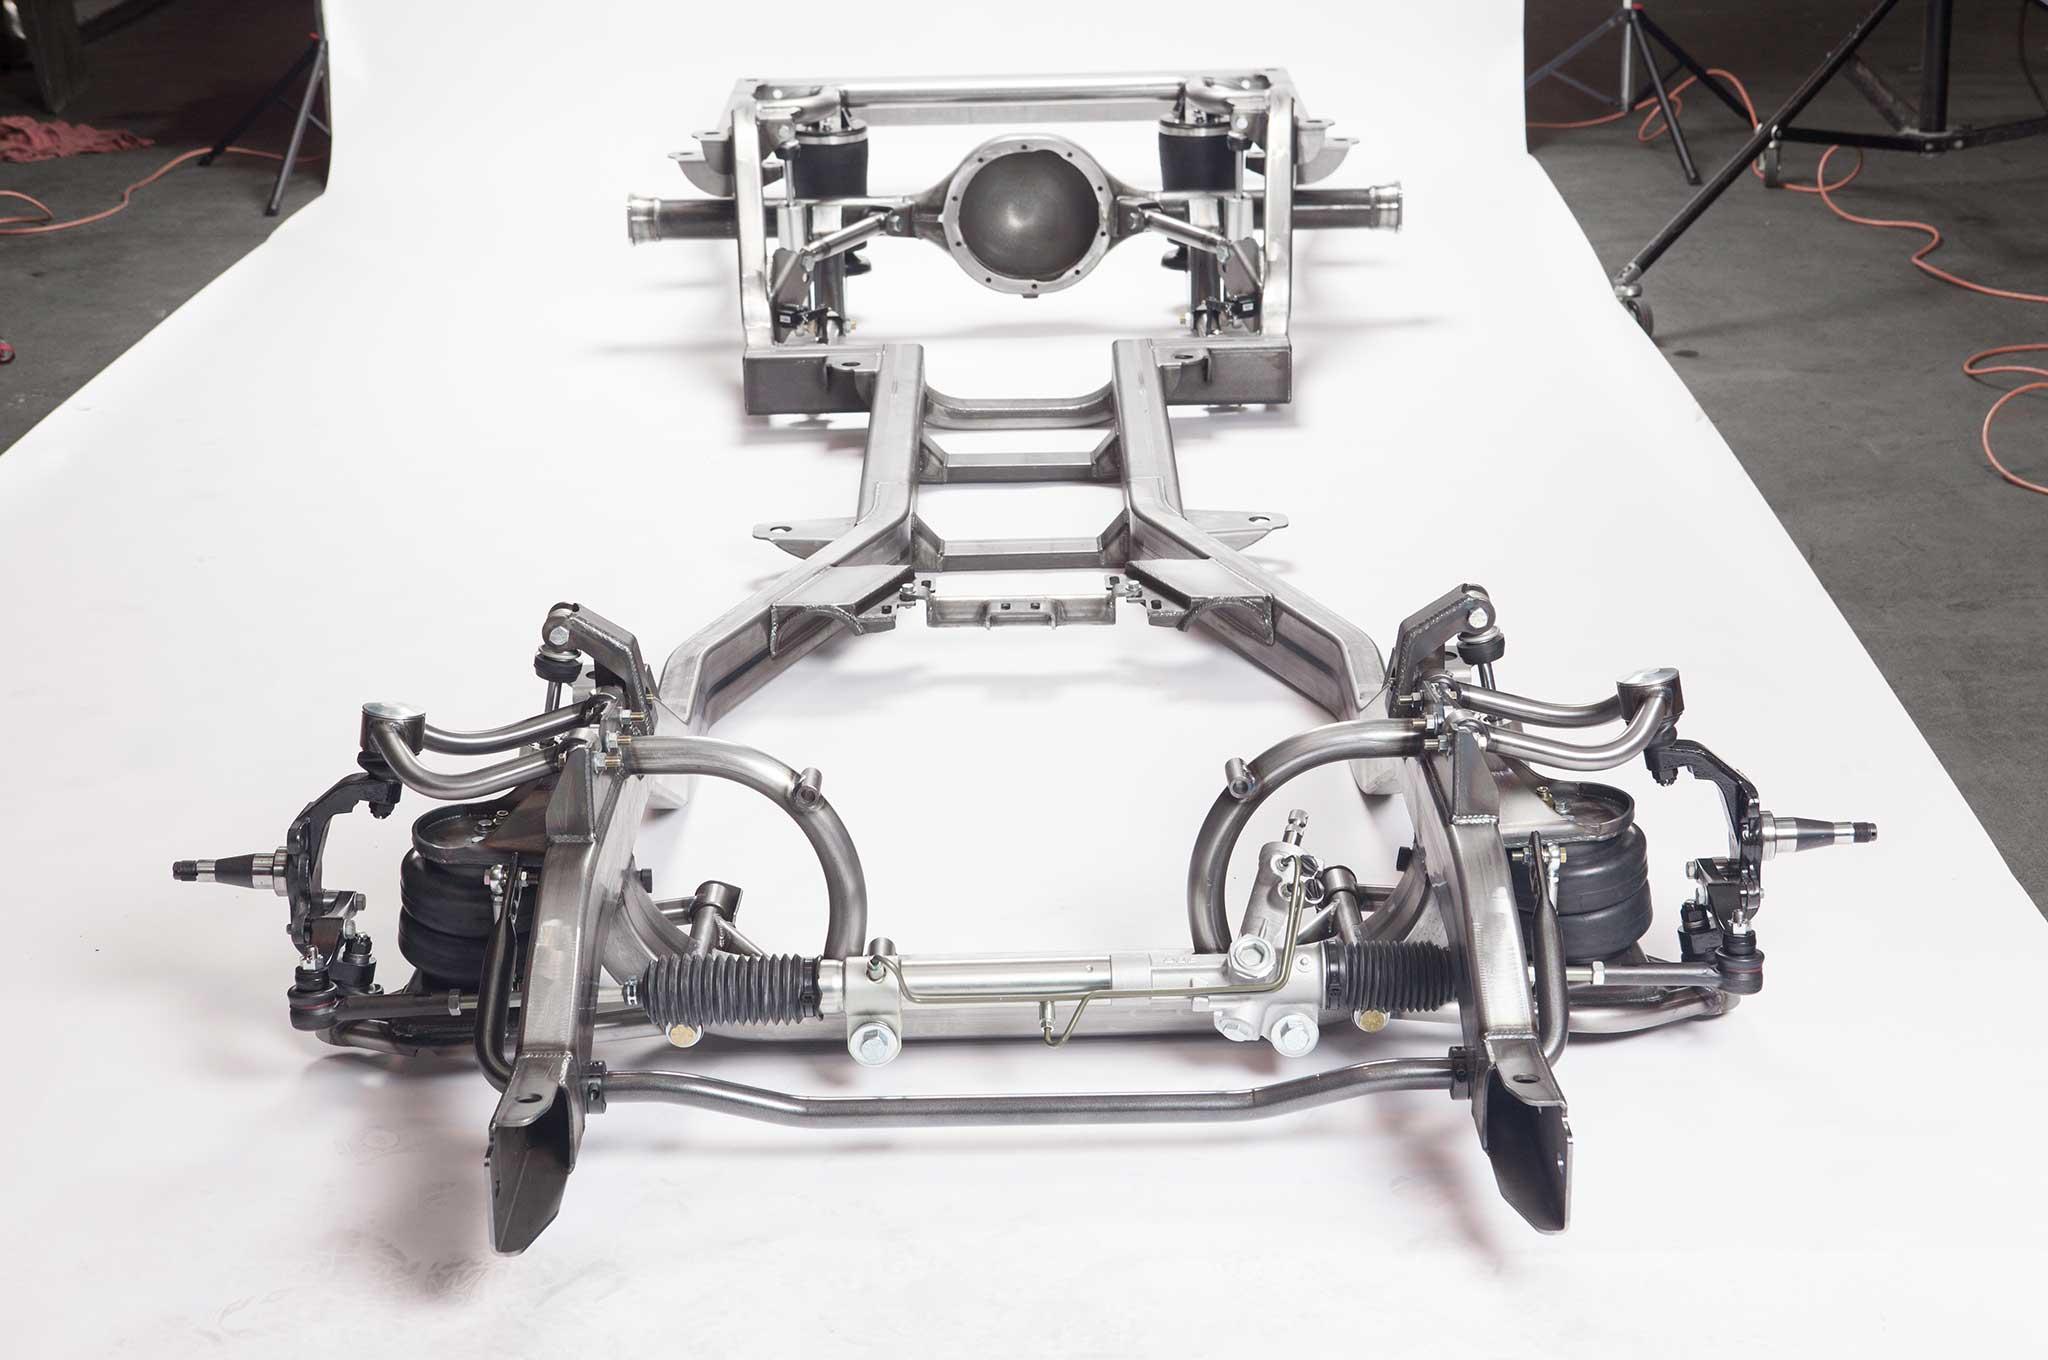 Art Morrison S New Frame For The 1959 1964 Impala